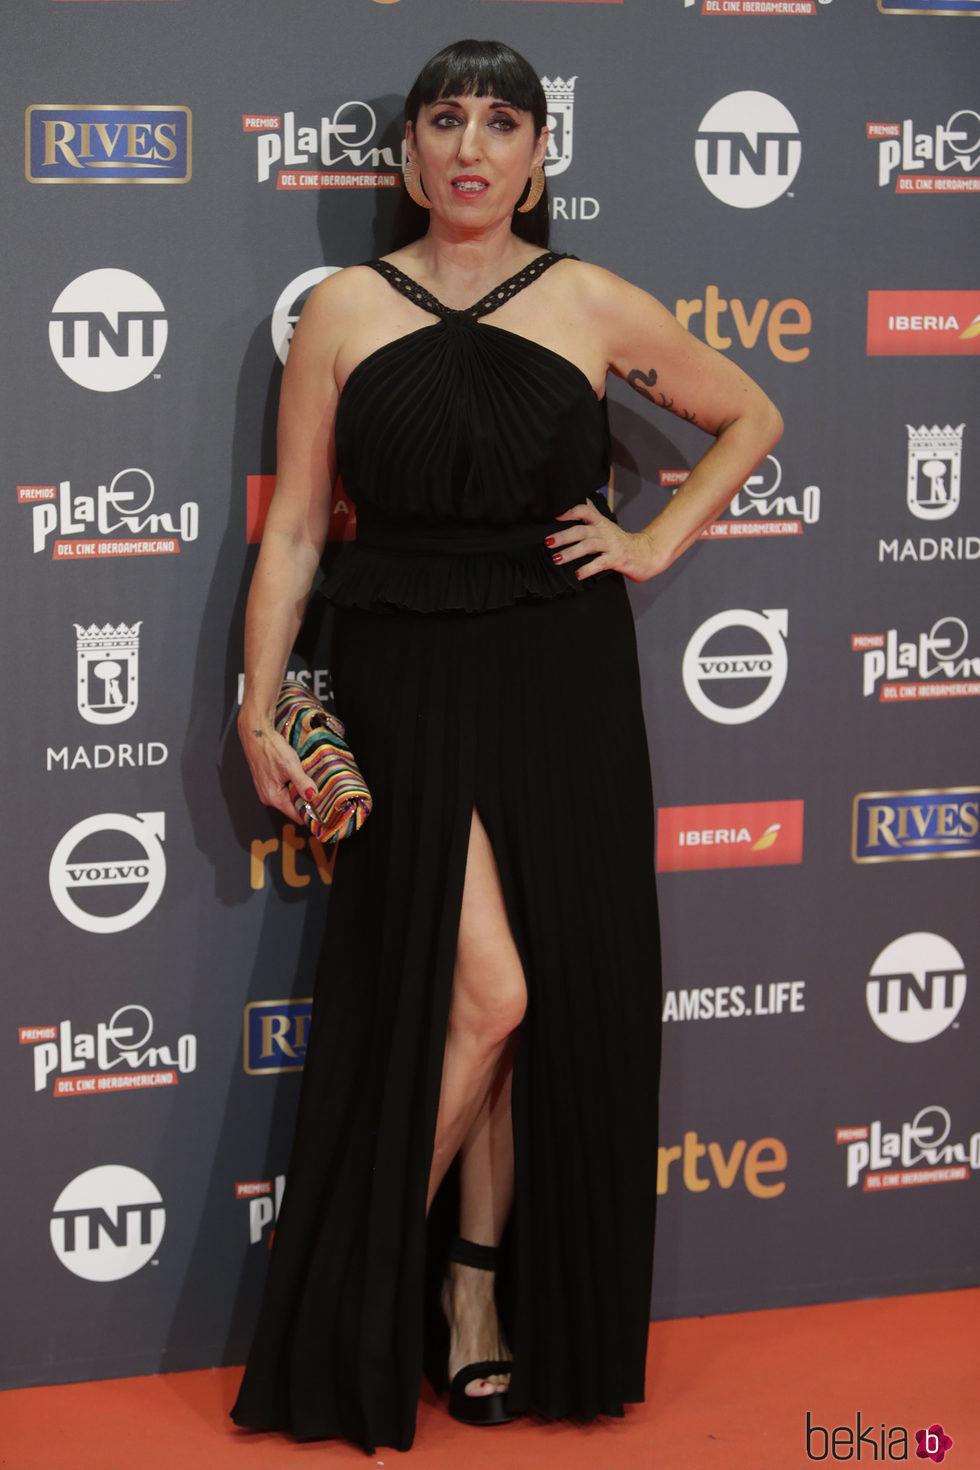 Rossy de Palma en los Premios Platino 2017